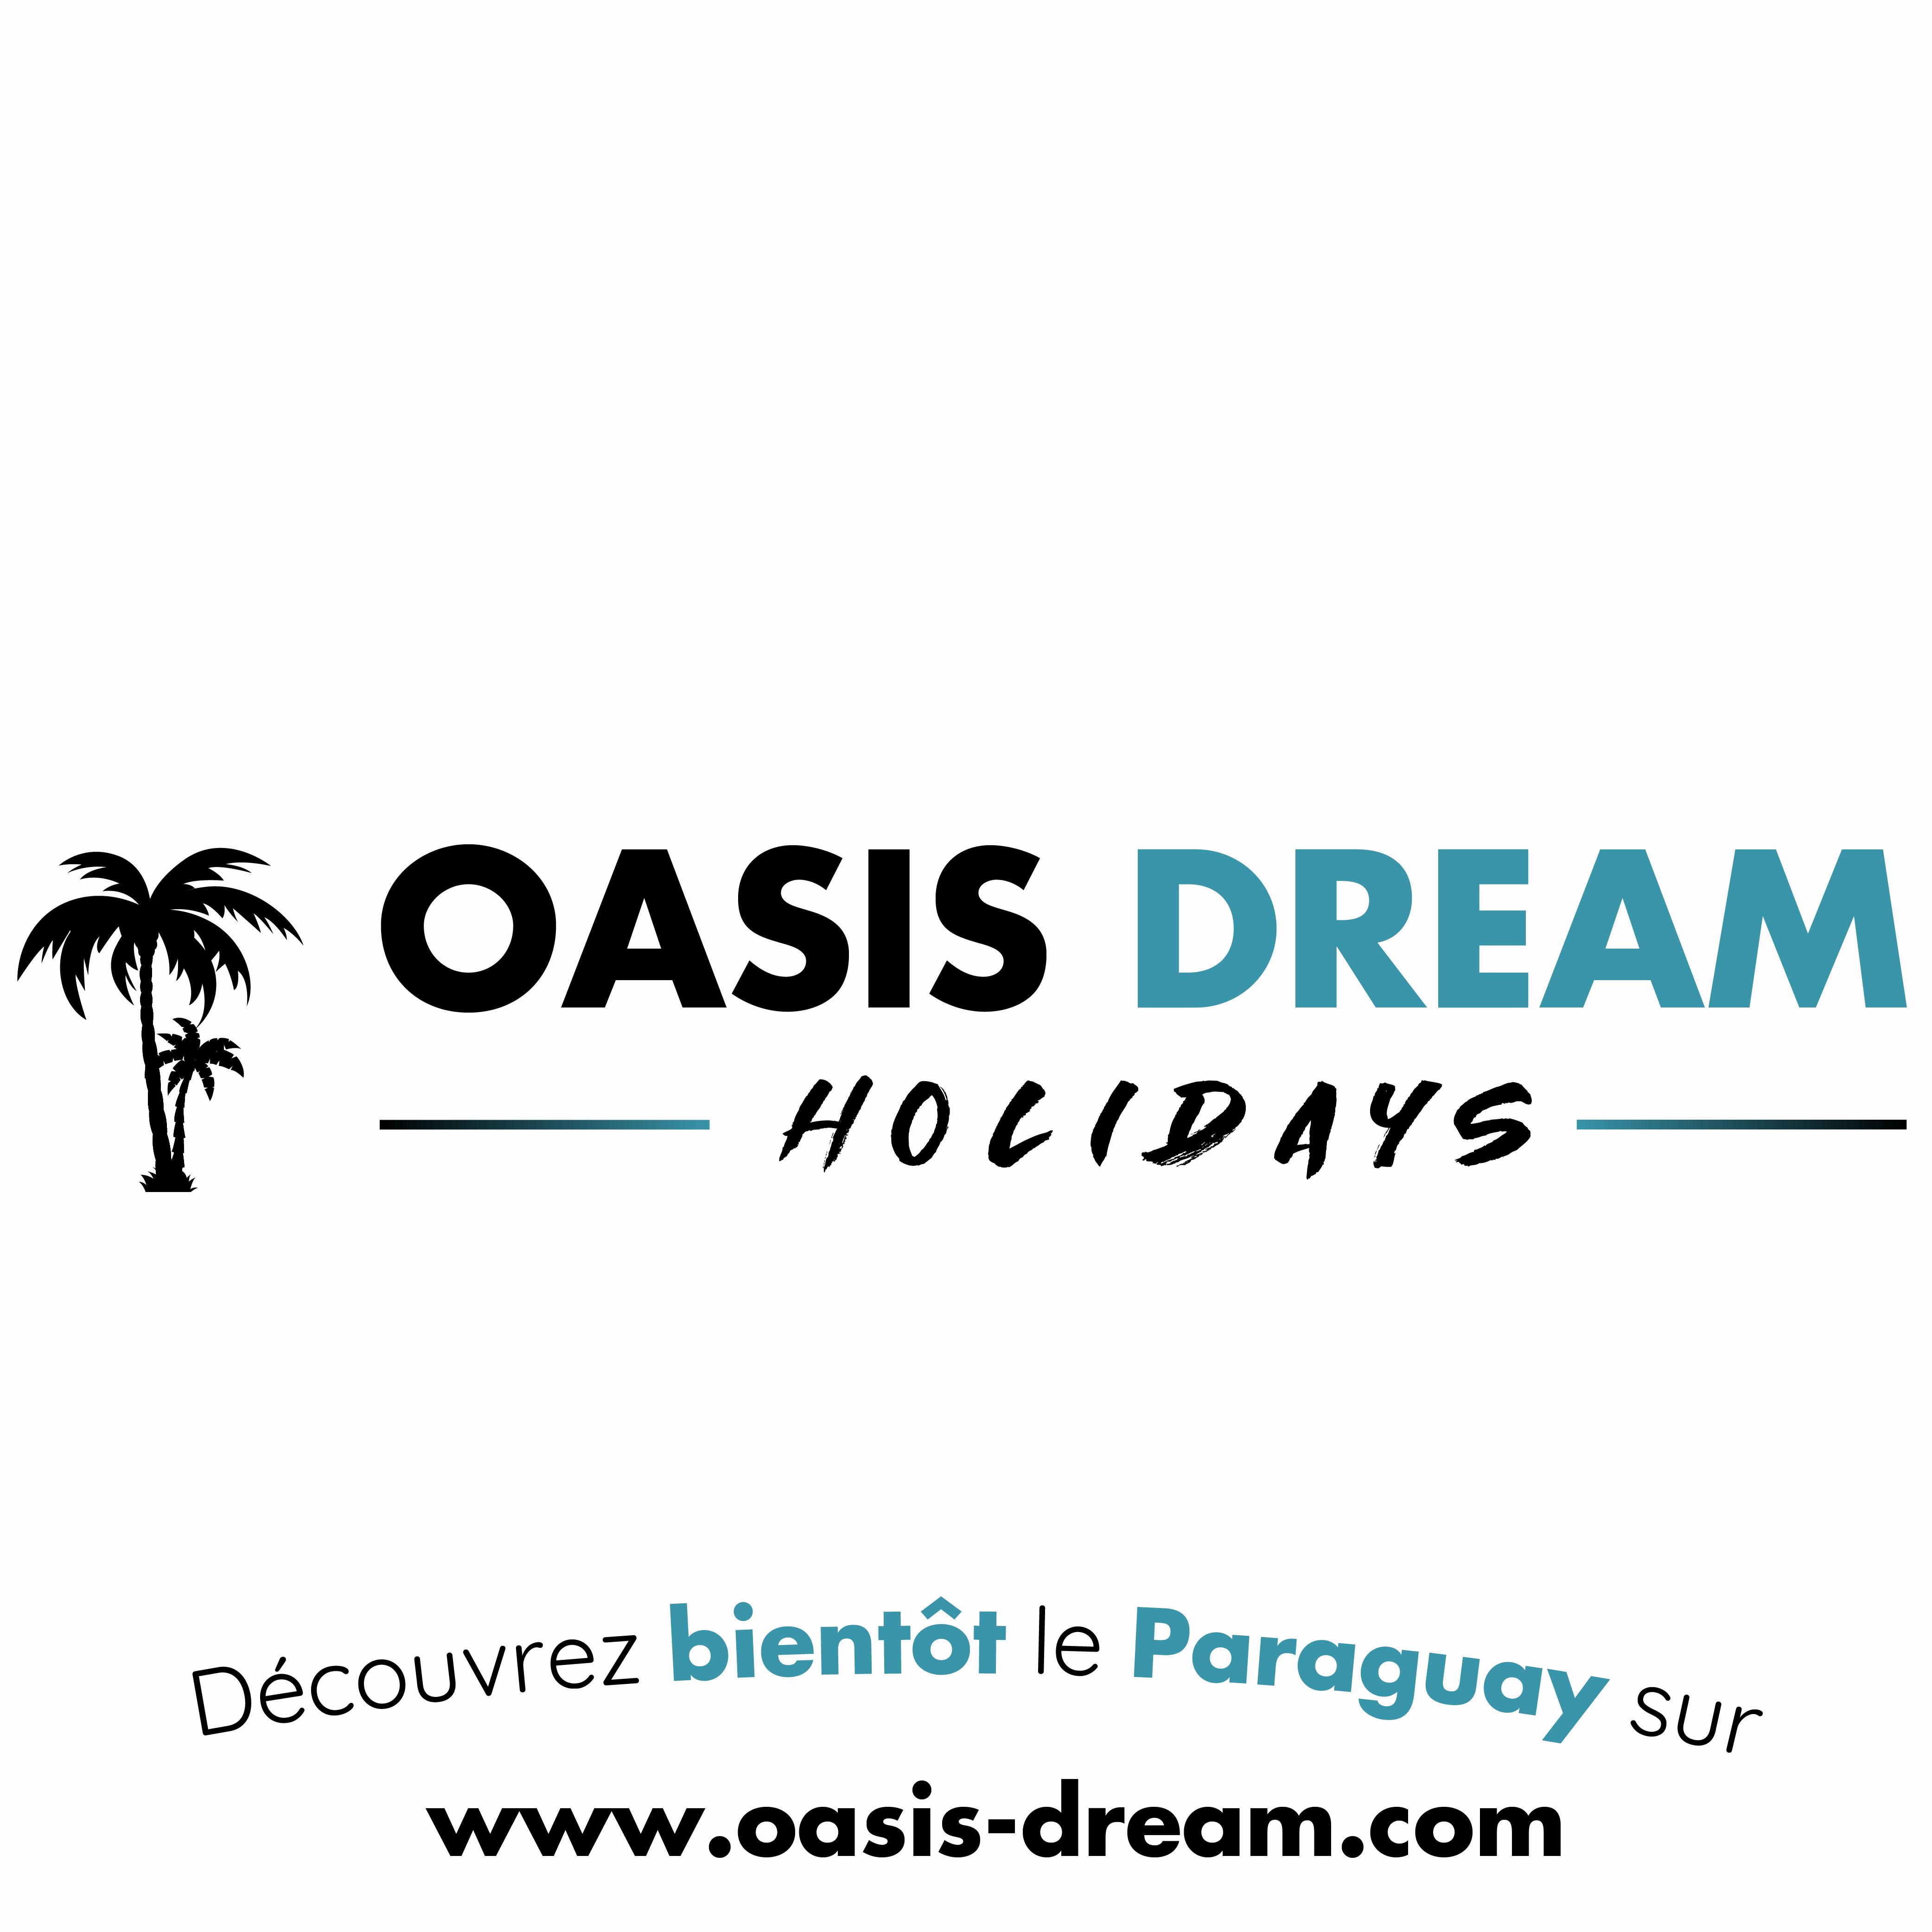 www.oasis-dream.com